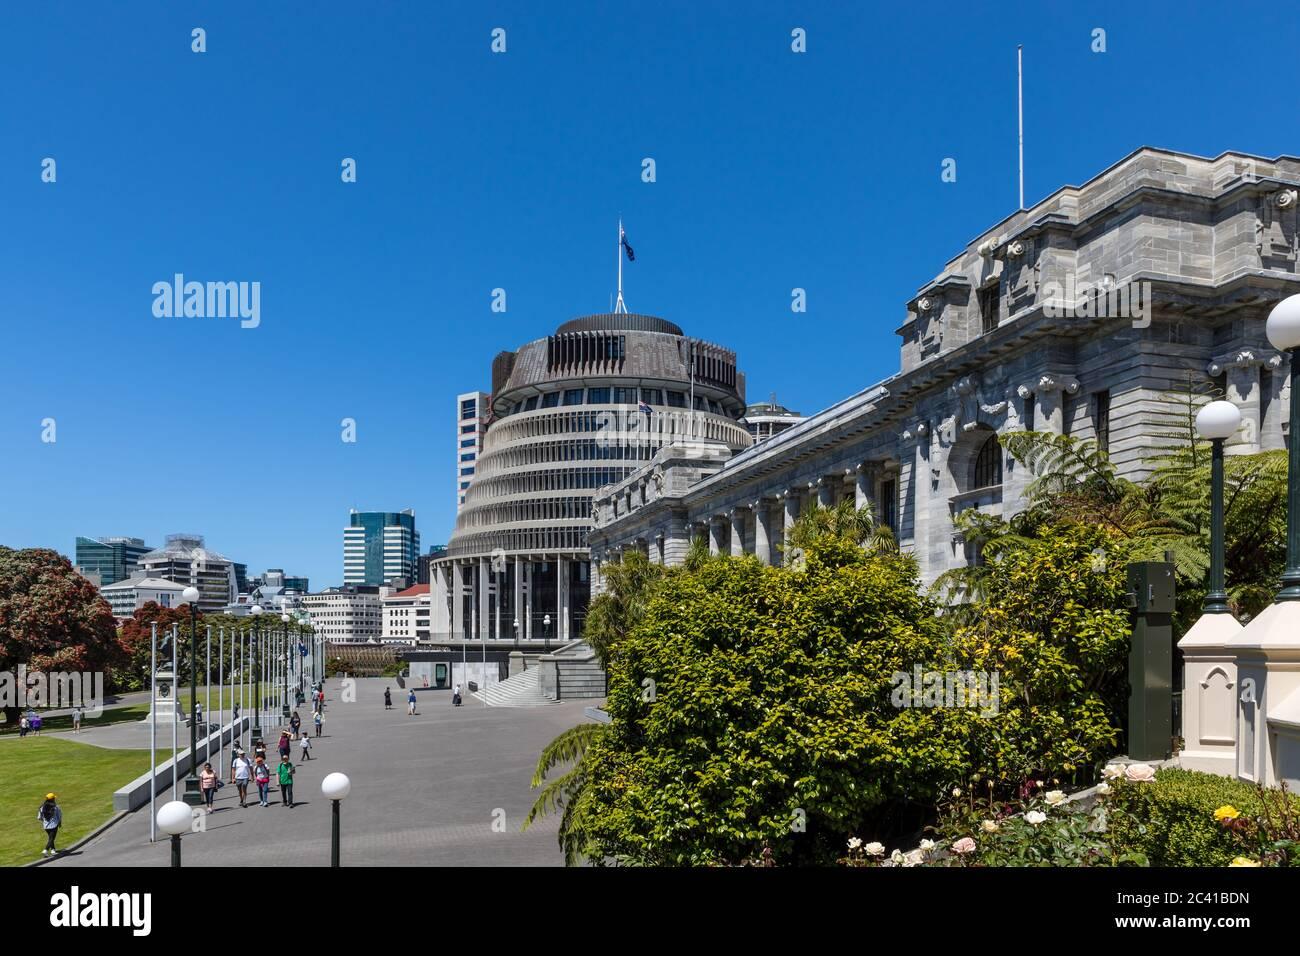 Wellington, Nouvelle-Zélande: La « ruche » (à gauche) est le nom commun de l'aile exécutive de l'édifice du Parlement néo-zélandais (à droite) Banque D'Images